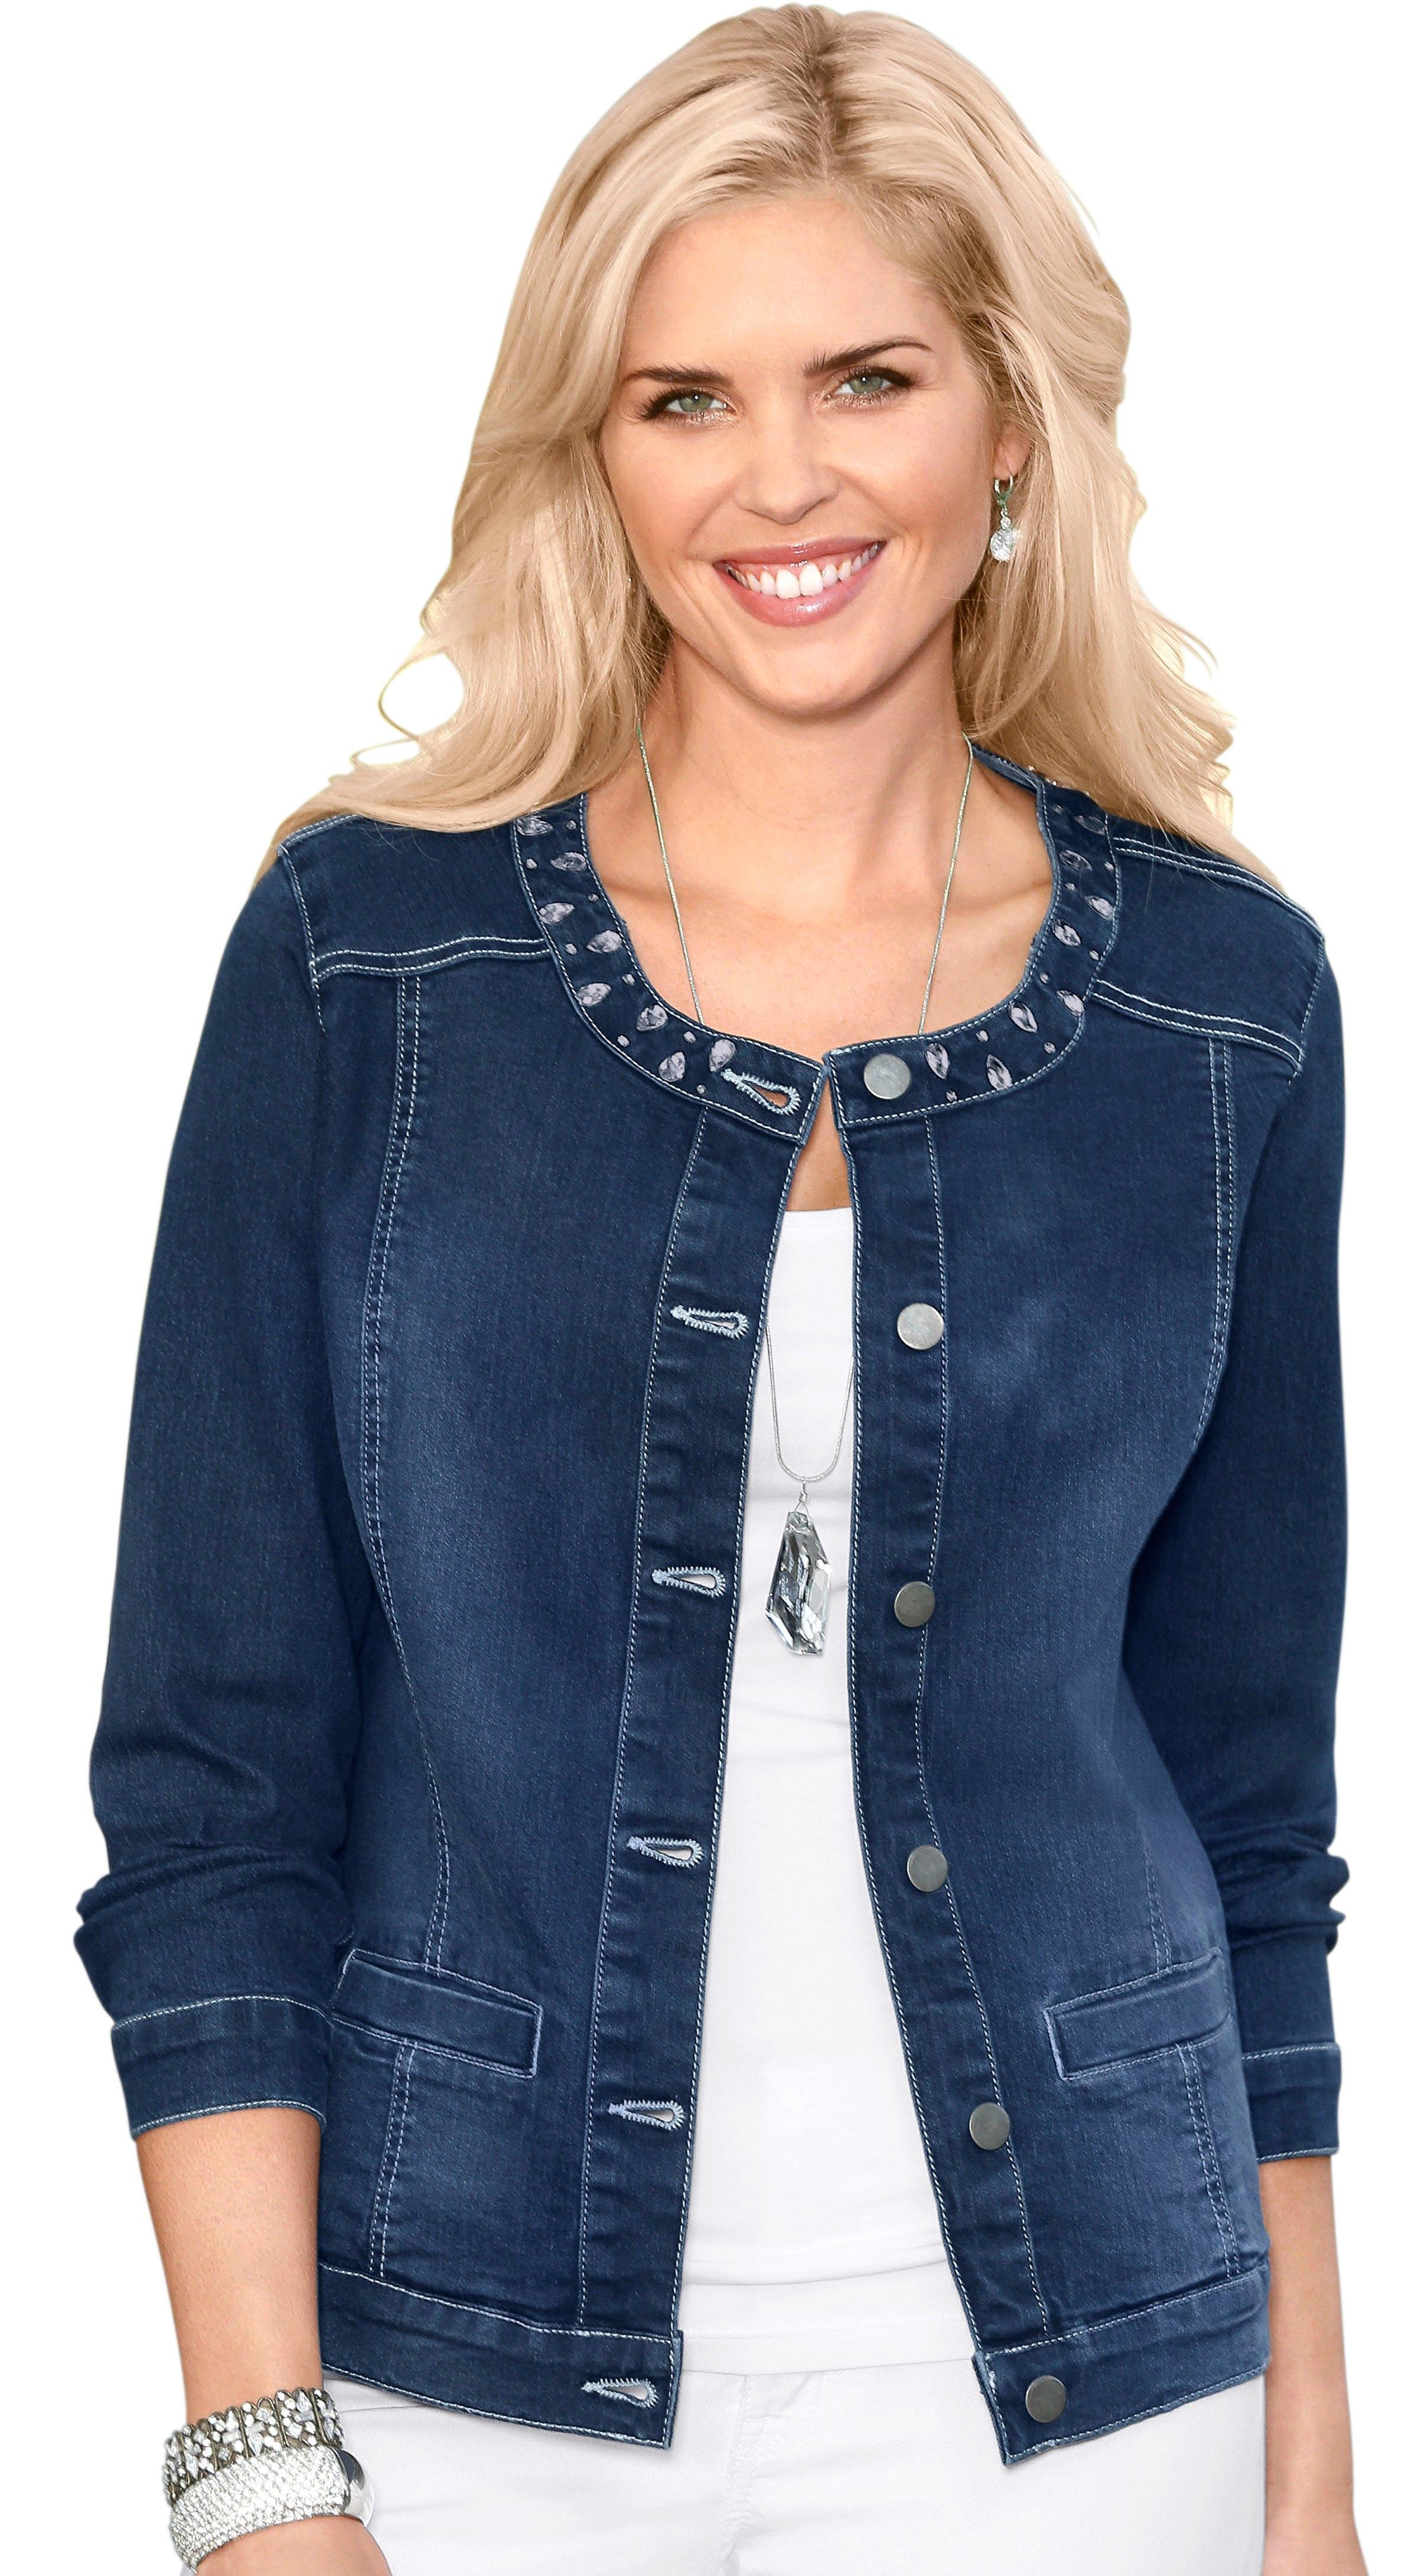 Classic Basics jeansjack met expressieve glinstersteentjes veilig op otto.nl kopen